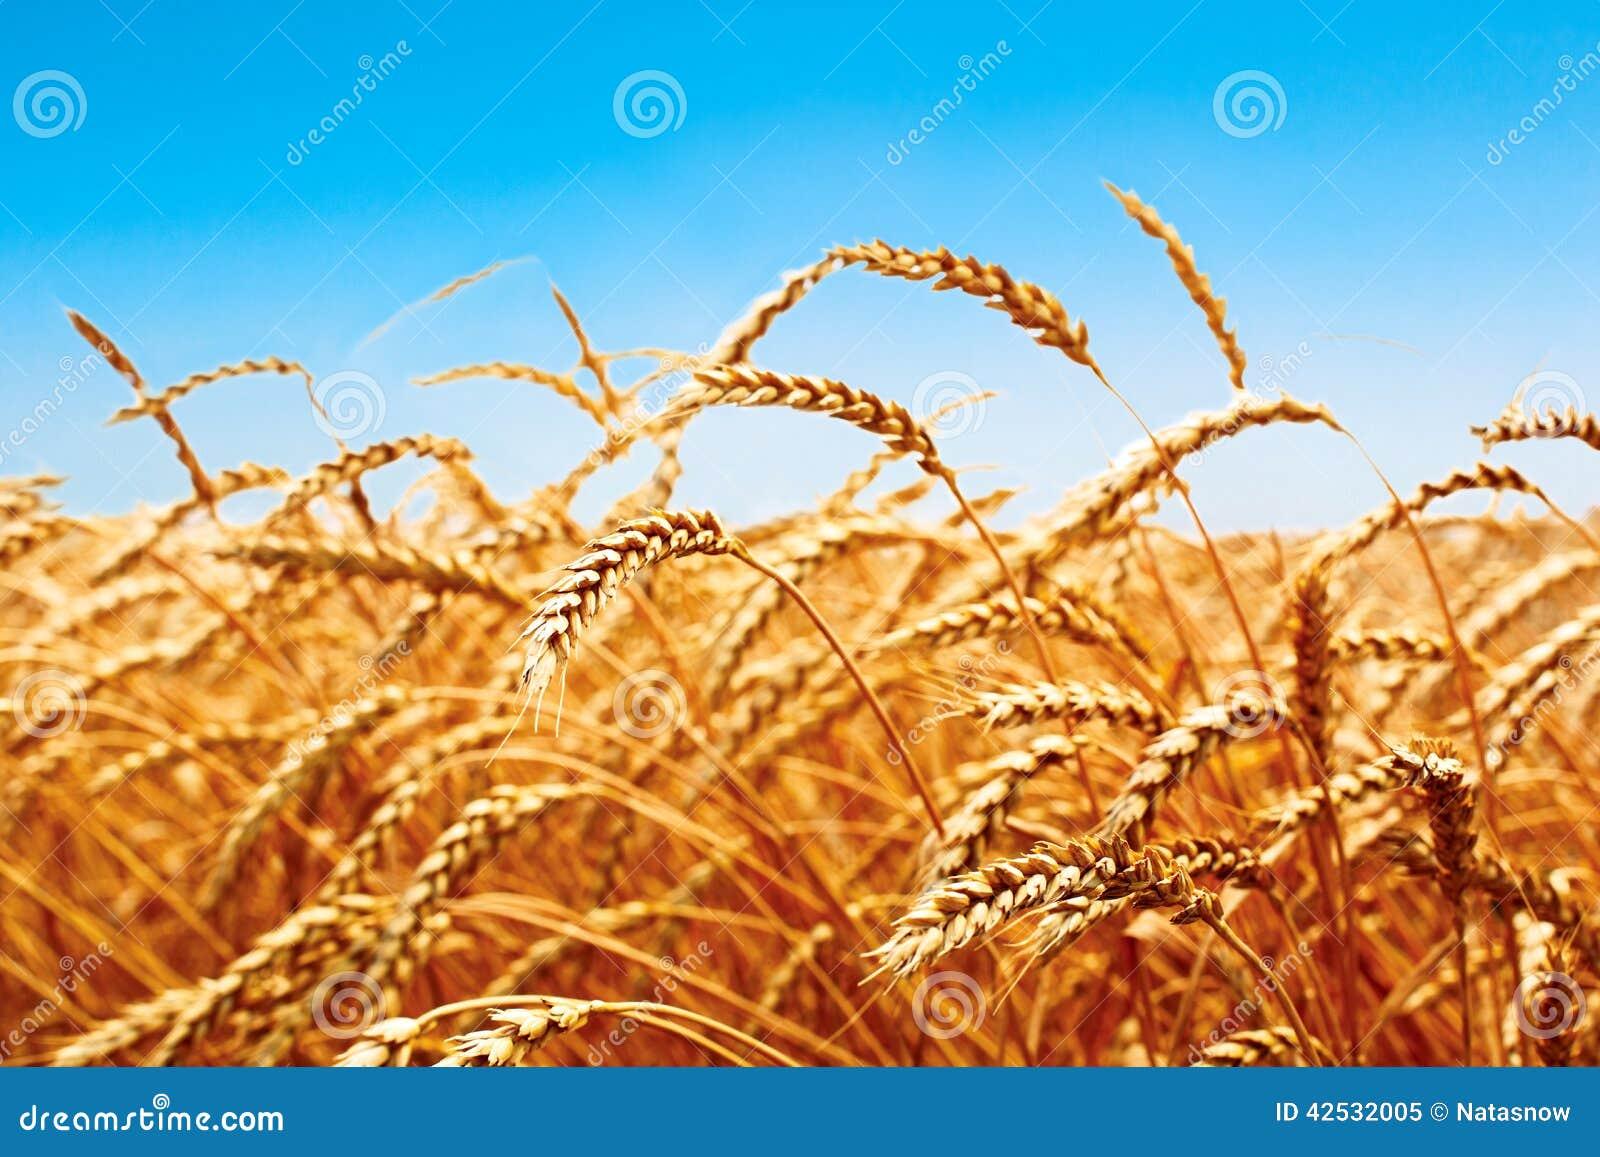 麦田,麦子新鲜的庄稼